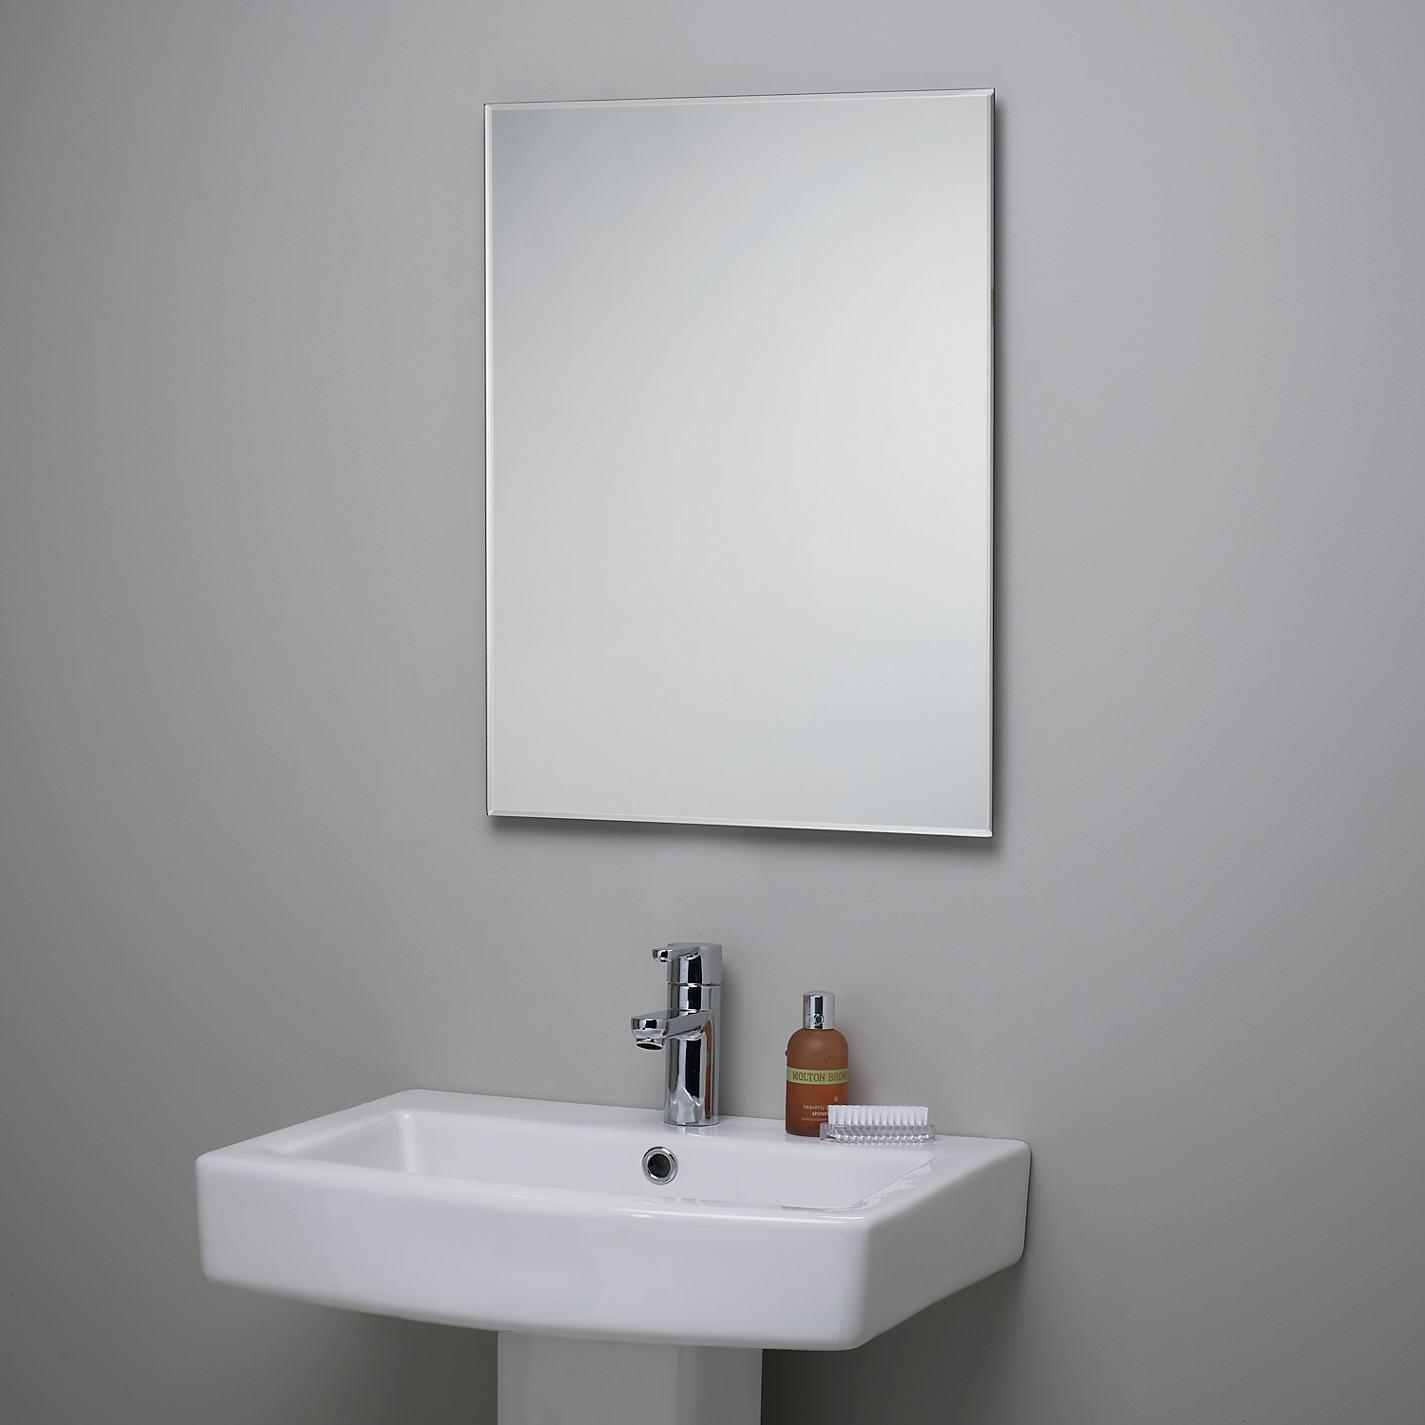 buy john lewis bevelled edge bathroom mirror online at johnlewiscom bathroom mirrors